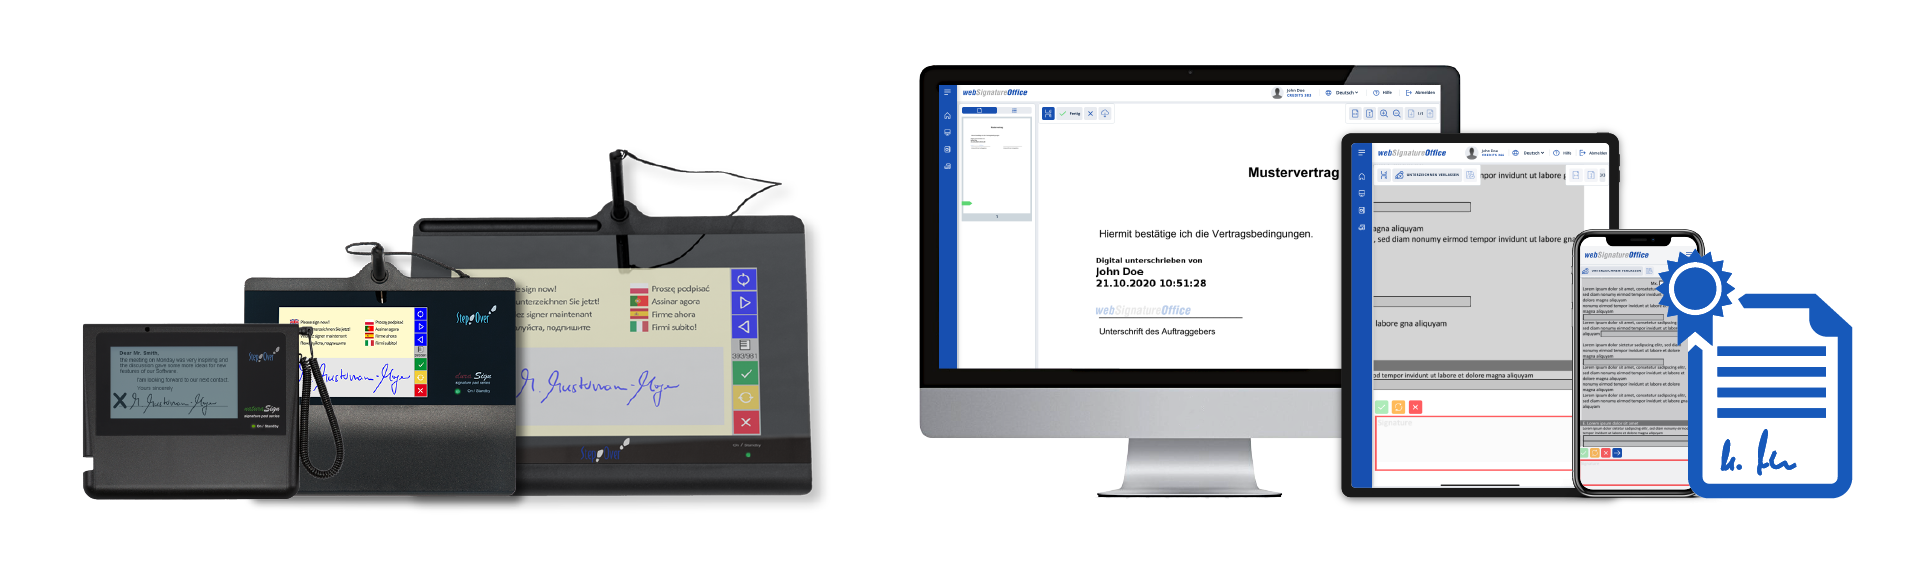 Bewertungen eSignatureOffice: PDF Dokumente elektronisch unterschreiben - appvizer